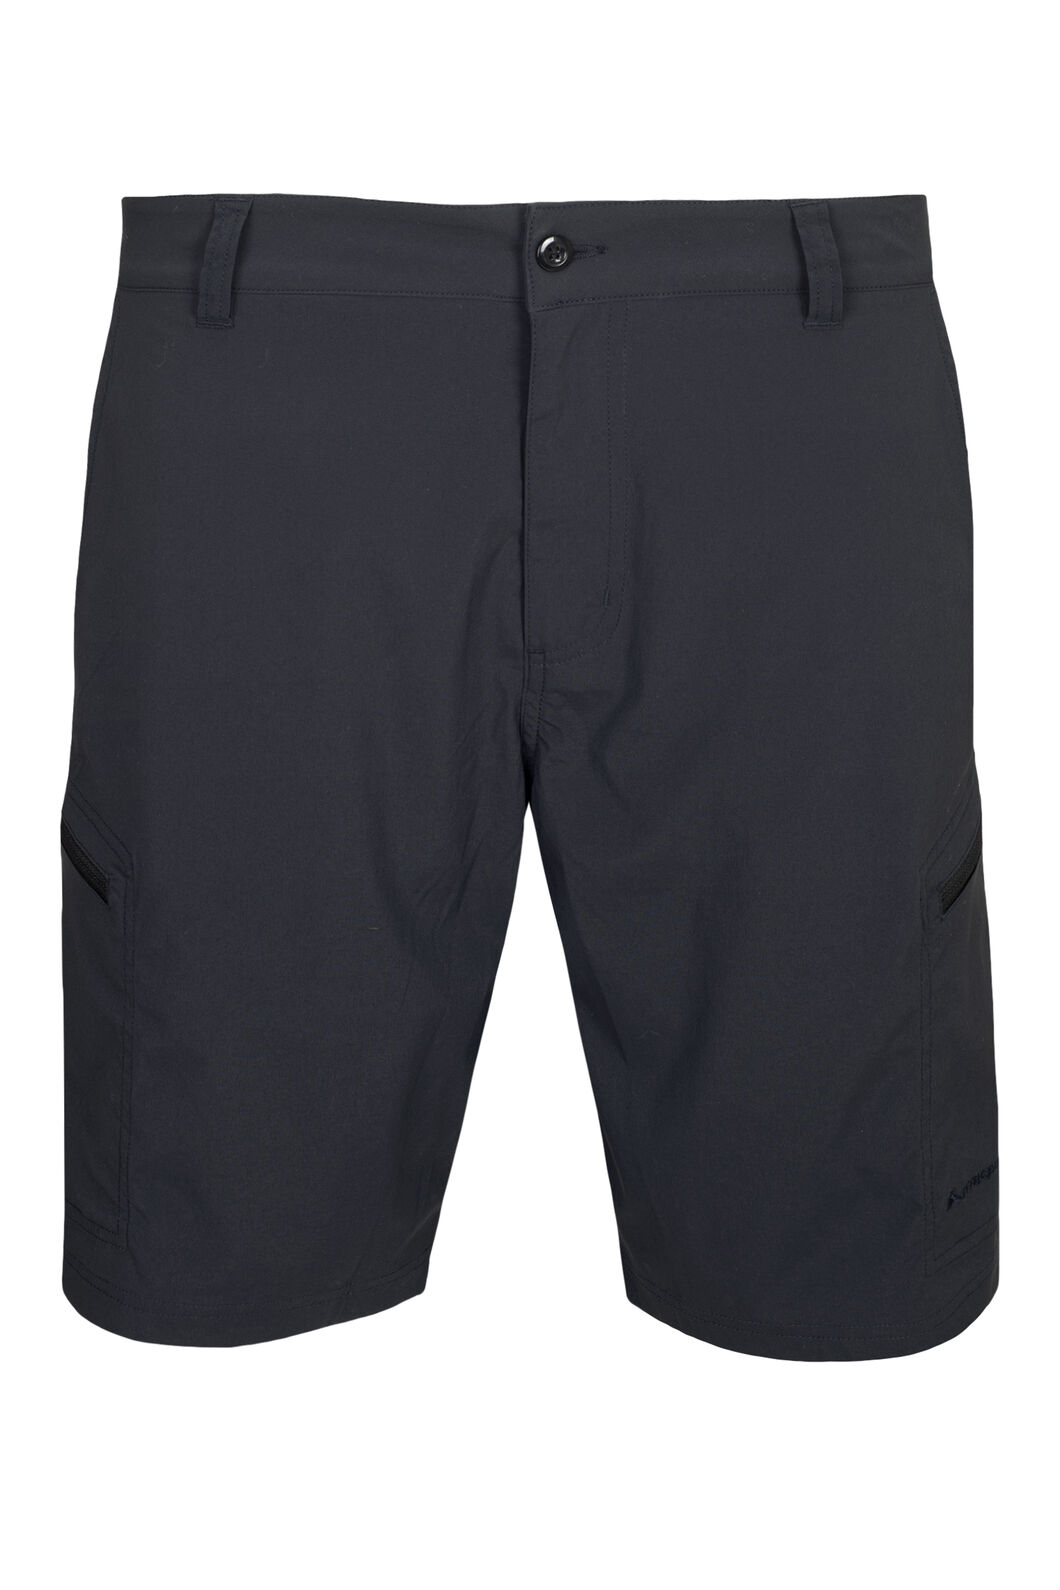 Macpac Drift Shorts — Men's, Black, hi-res